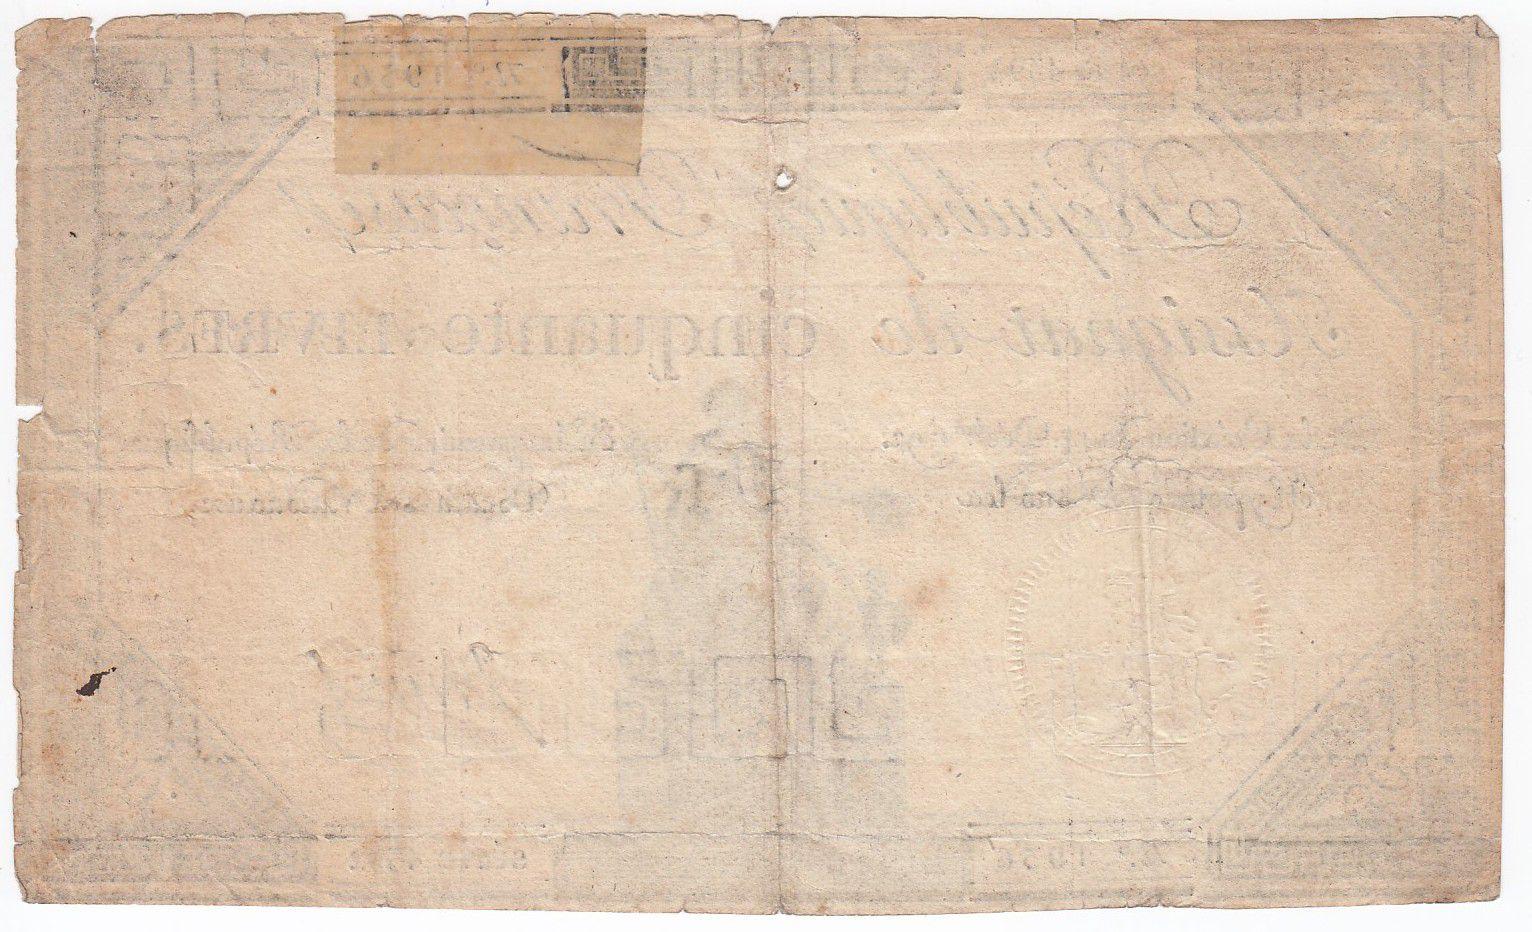 France 50 Livres France assise - 14-12-1792 - Sign. Jannel - TB